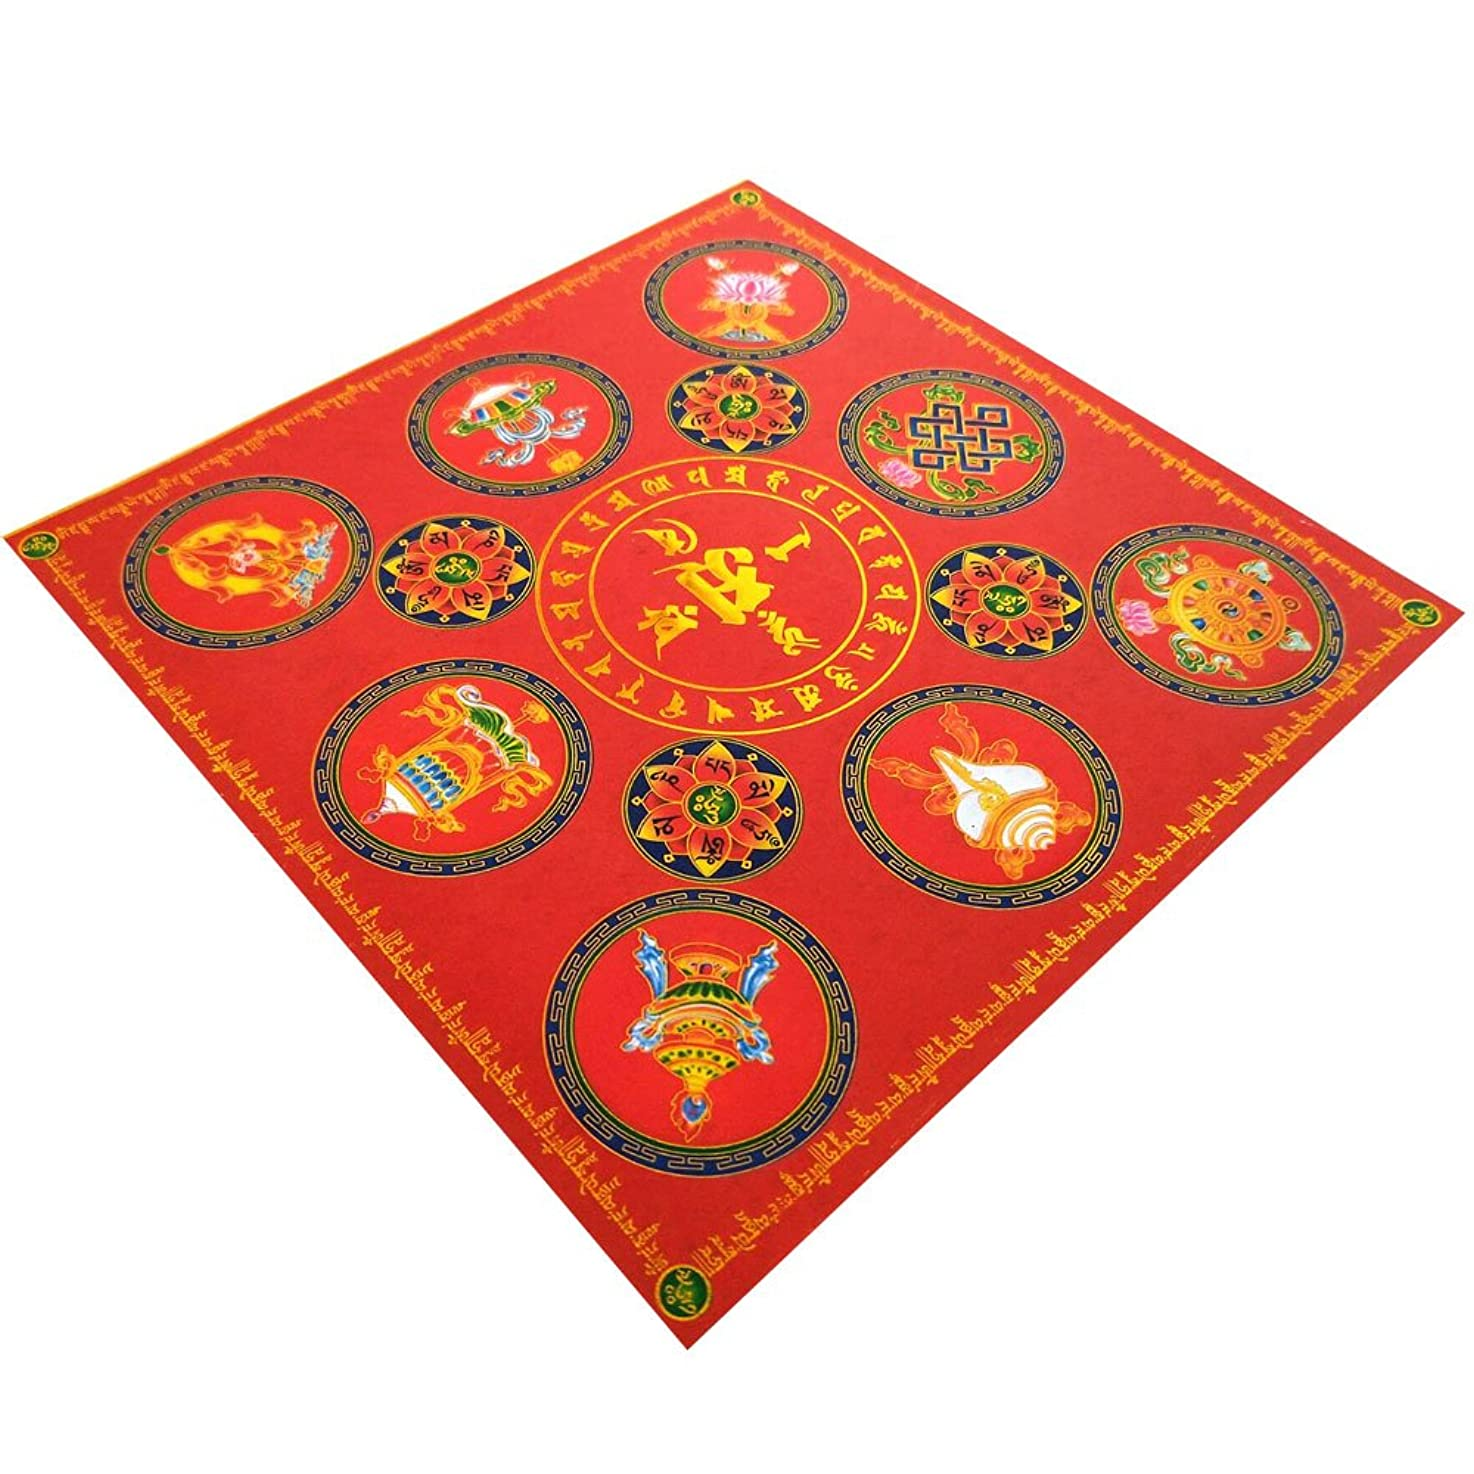 うがい非武装化達成zeestar祖先Incense用紙/ゴーストお金の祖先Praying 7.6インチx 7.6インチ、40個?–?吉祥(Lotus